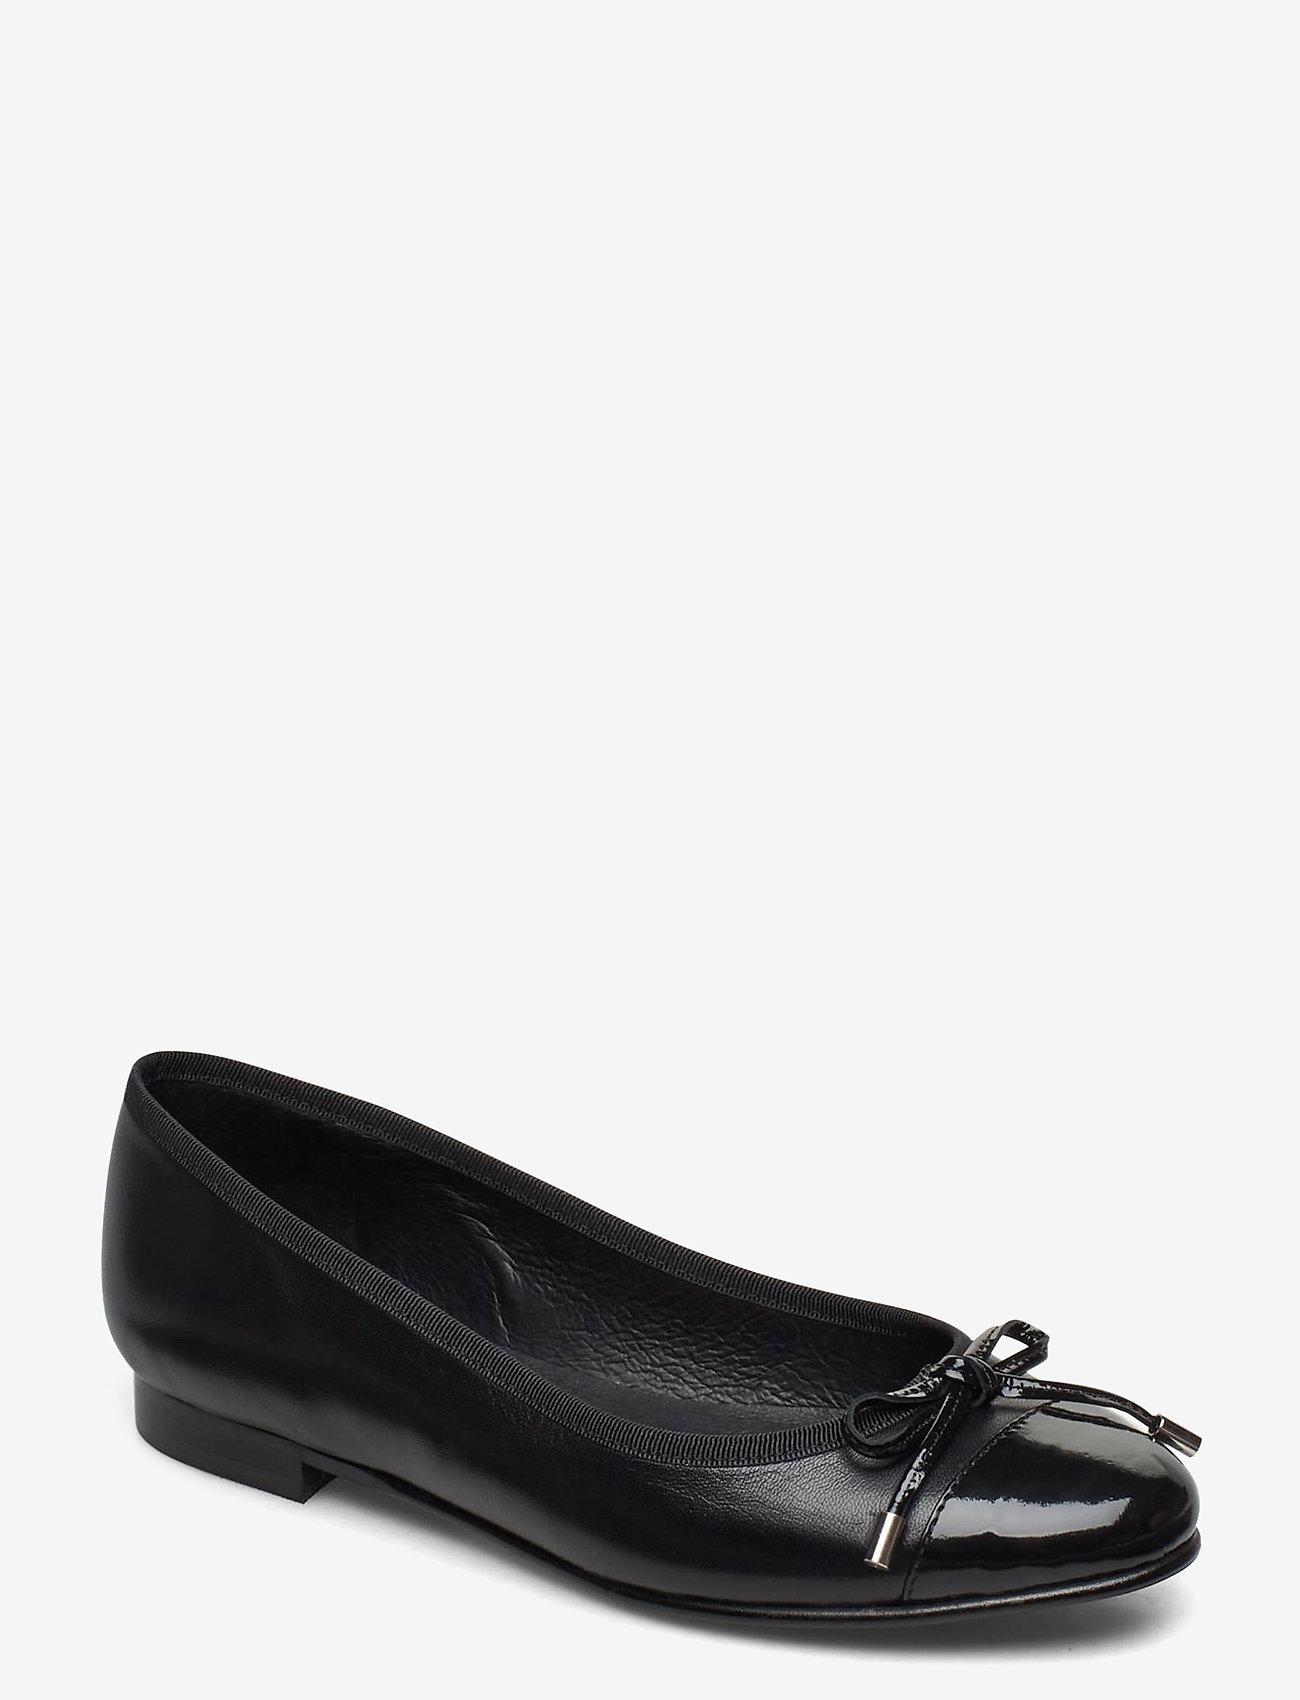 Carla F - Shoes 18810 - ballerinat - bl.patent/nappa 270